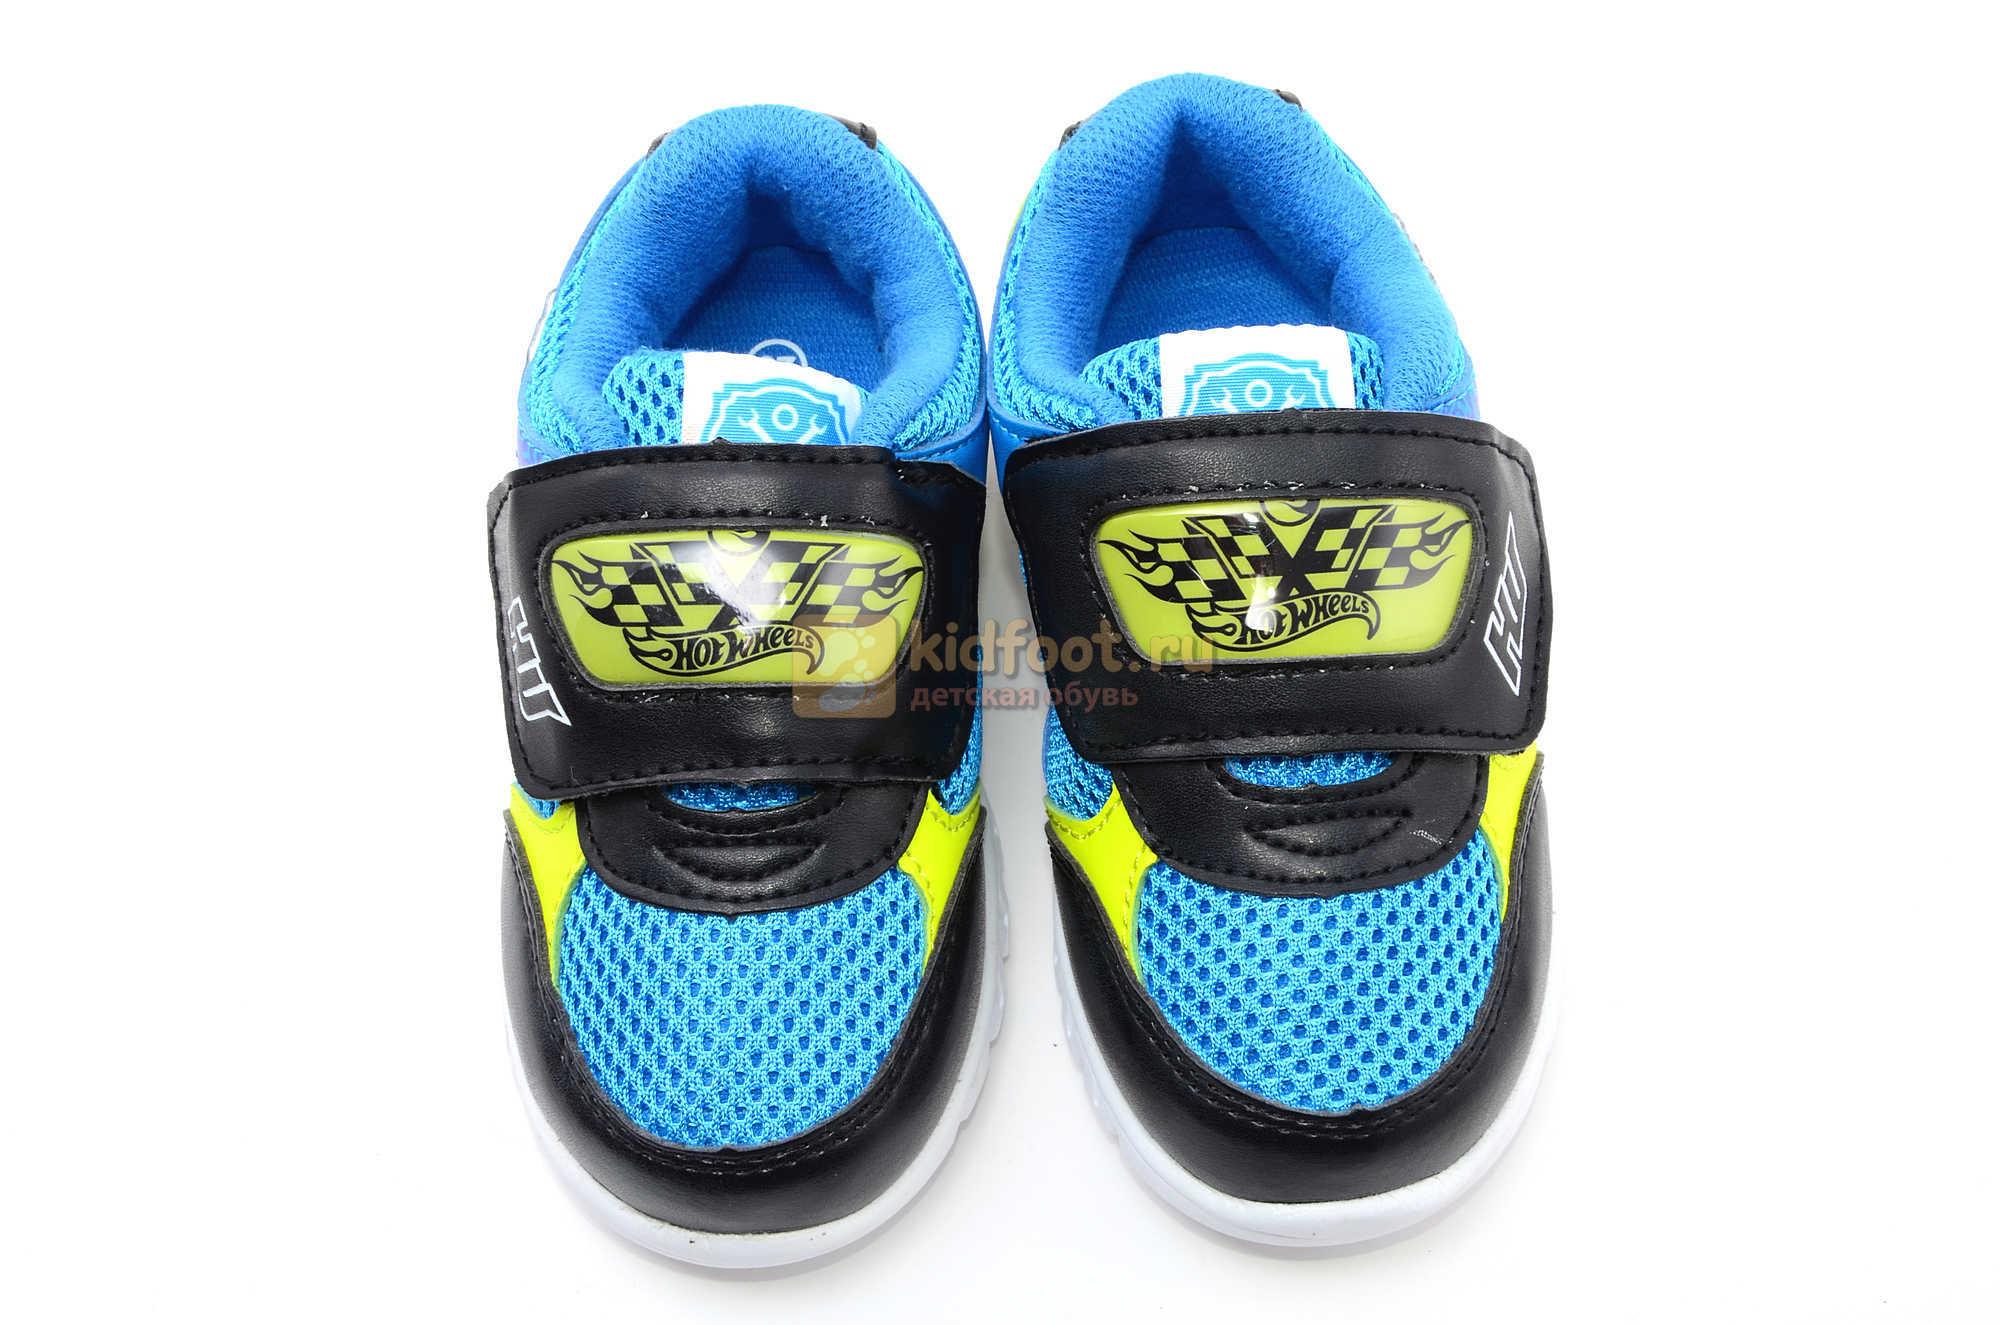 Светящиеся кроссовки Хот Вилс (Hot Wheels) на липучке для мальчиков, цвет синий